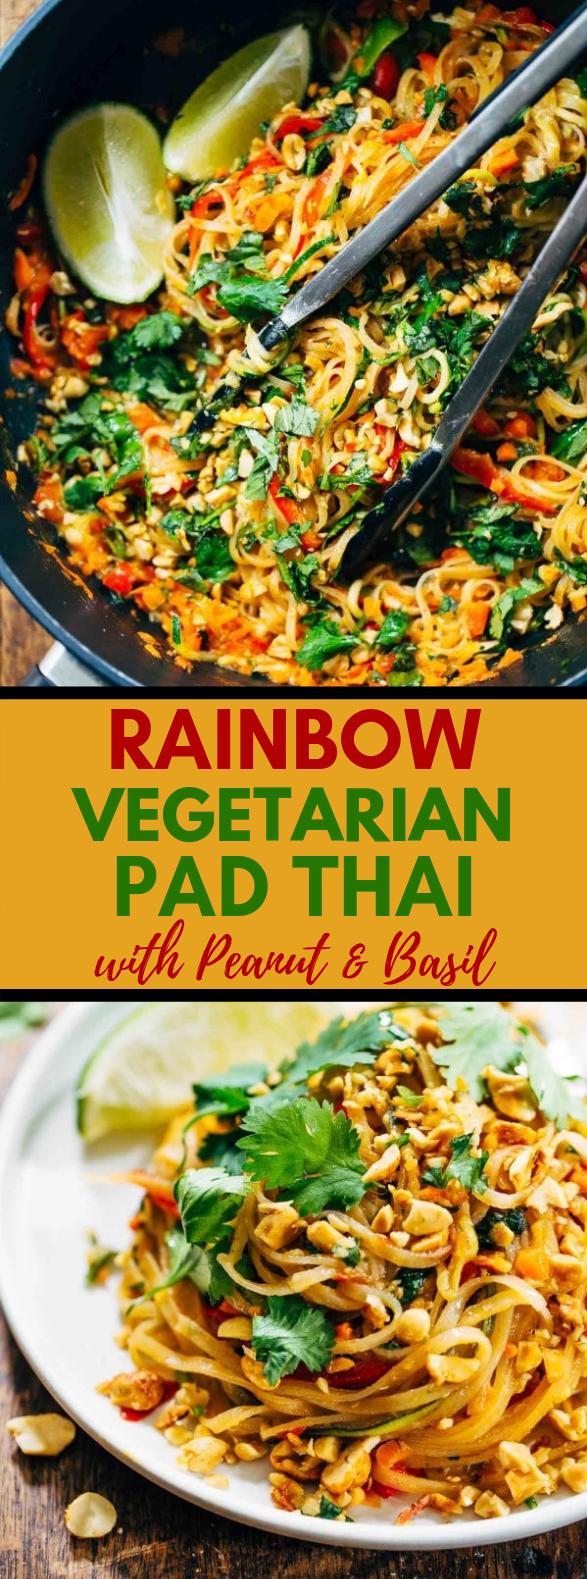 Rainbow Vegetarian Pad Thai with Peanuts and Basil #Food #EasyRecipes